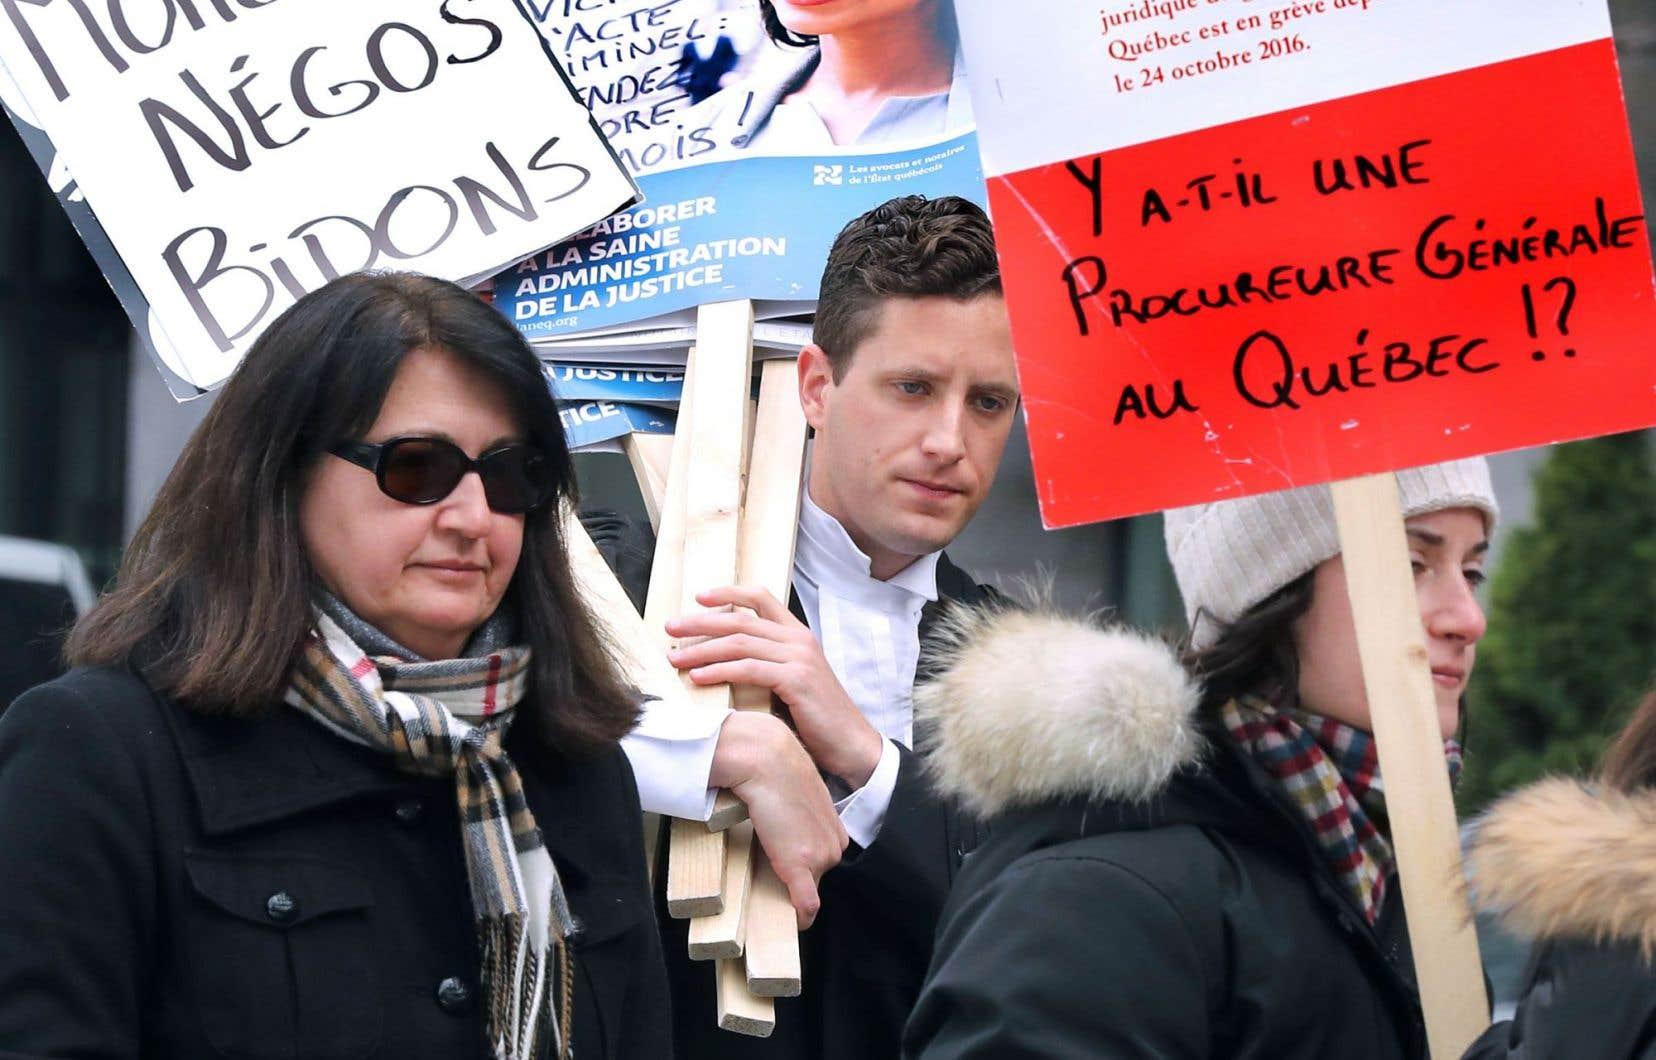 Les juristes de l'État sont en grève depuis pas moins de quatre mois et demi. Ils se pencheront sur la dernière offre de Québec dans les prochaines heures.